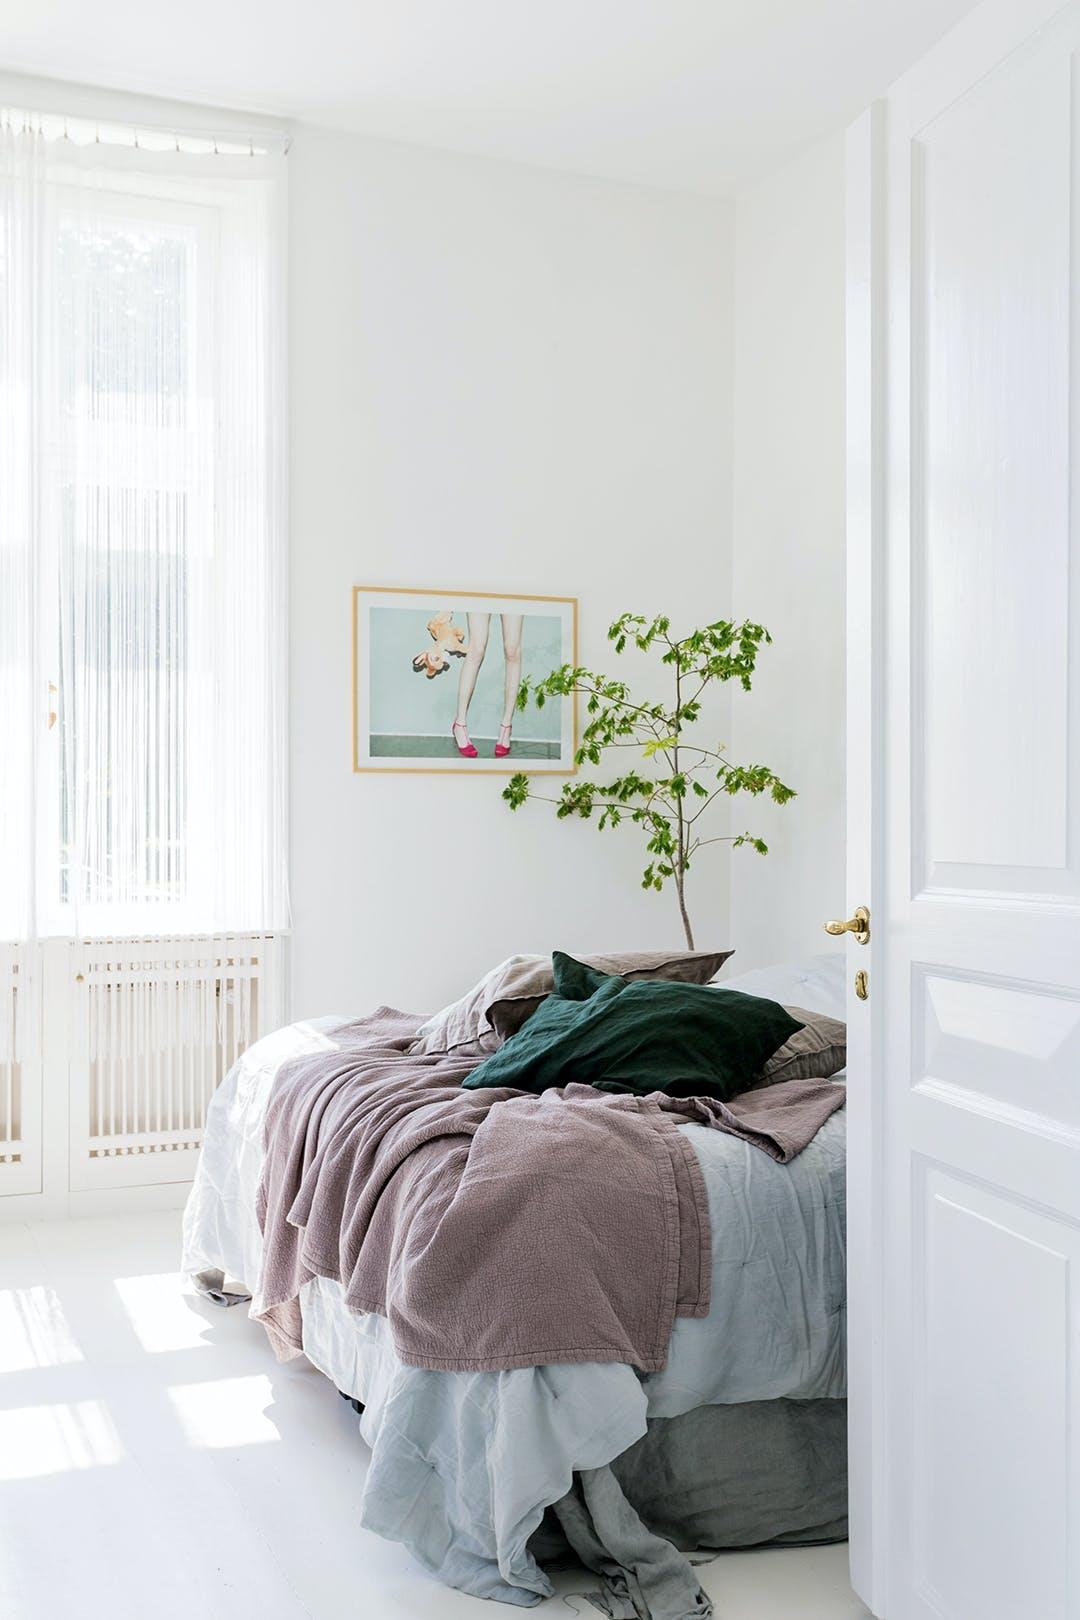 Lyst soveværelse med dejligt lysindfald Puder og sengetøj er fra IKEA og Broste Copenhagen